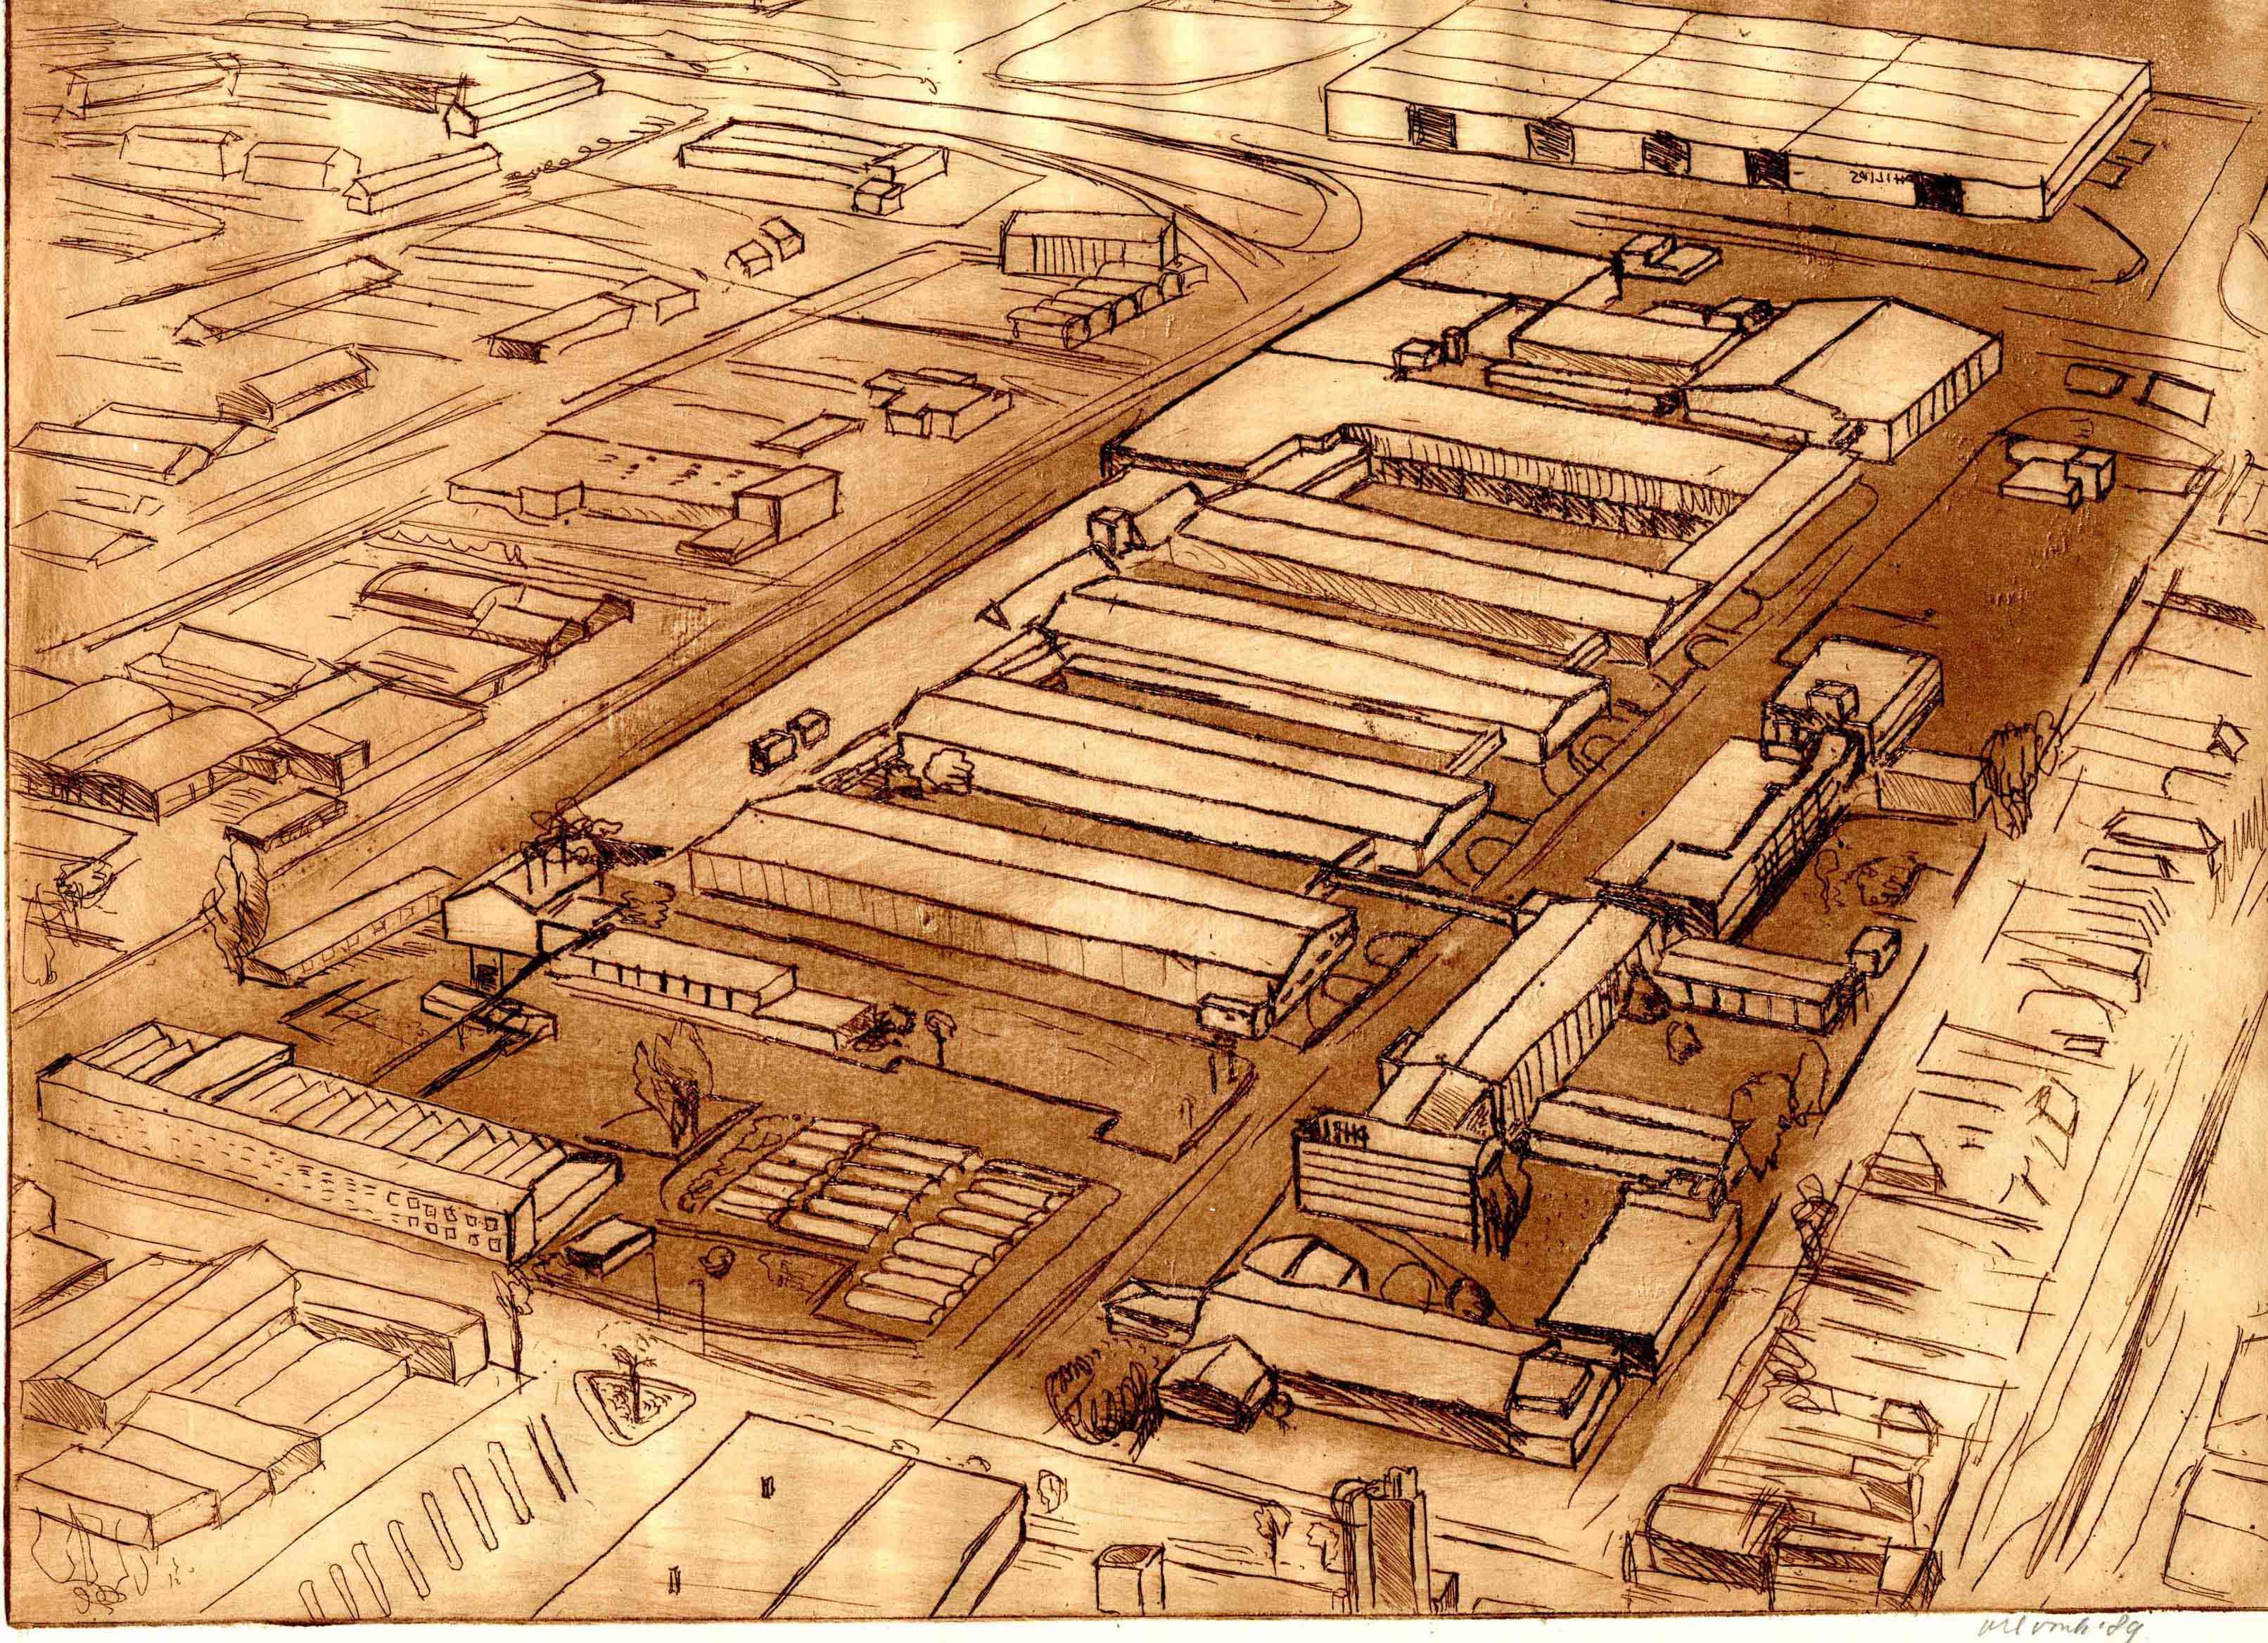 Ets van de Oliemolenstraat met Philips fabriek